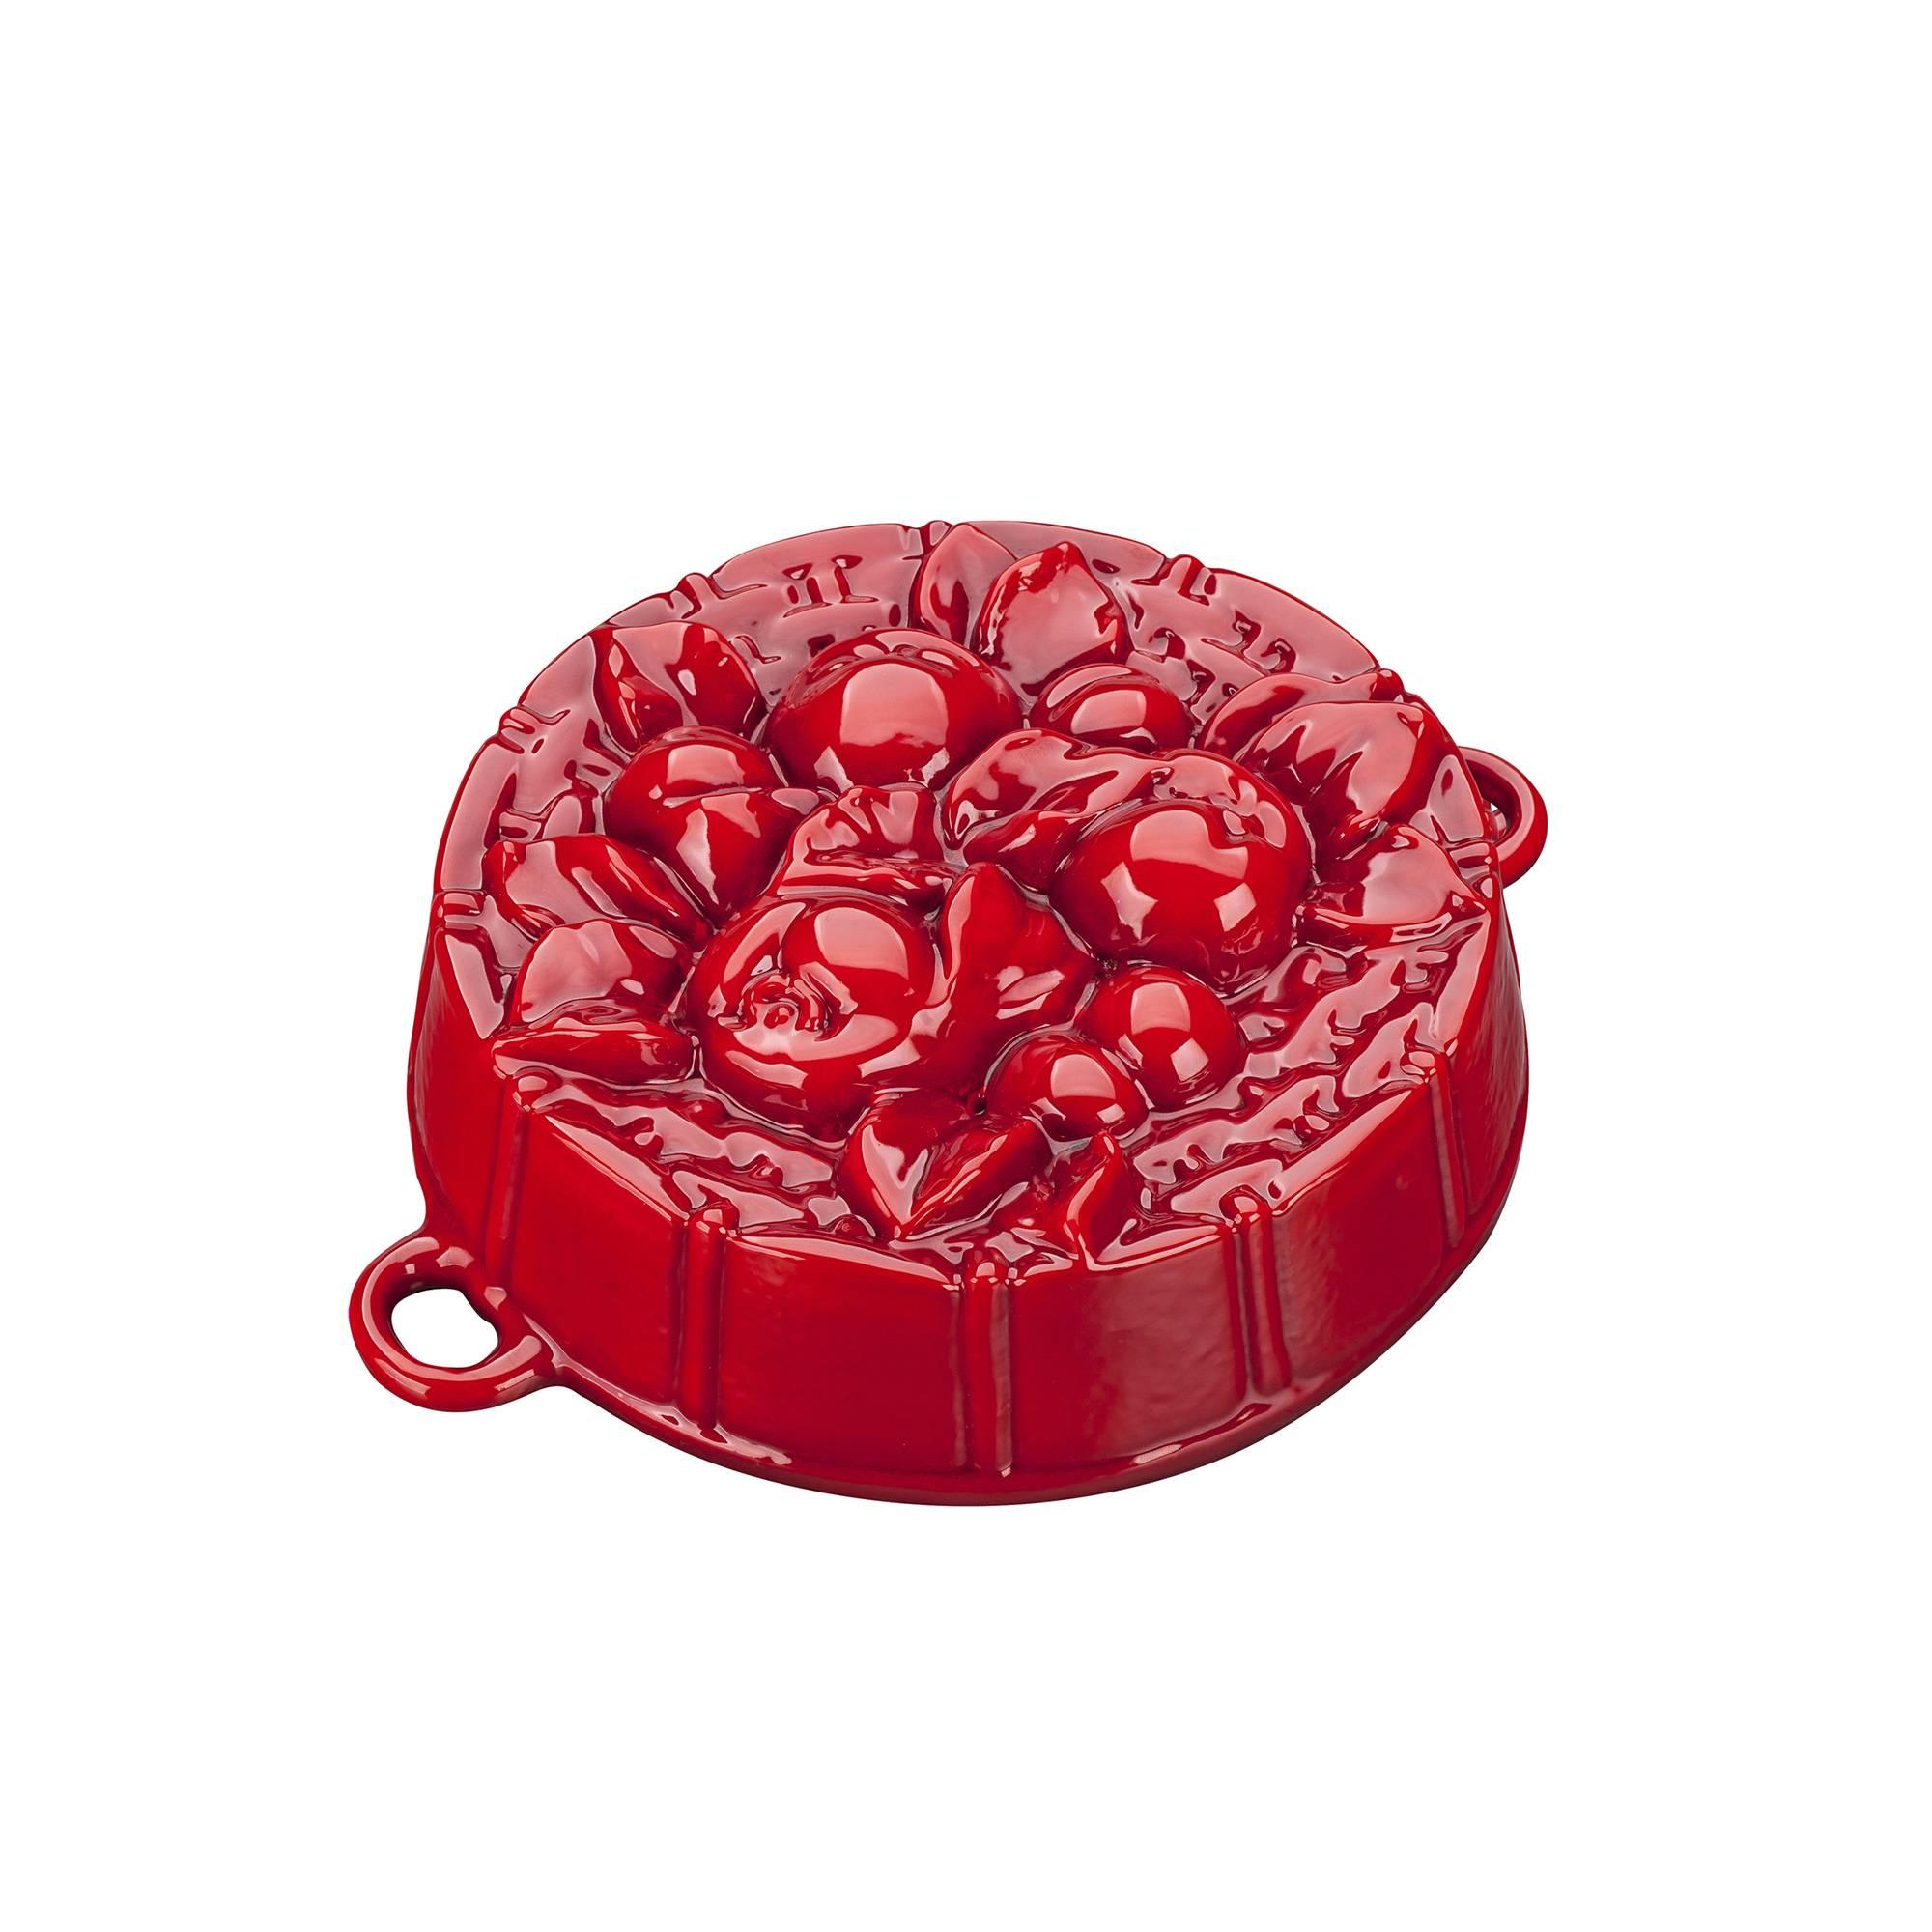 Pečící forma s jablíčky, červená - Smalt